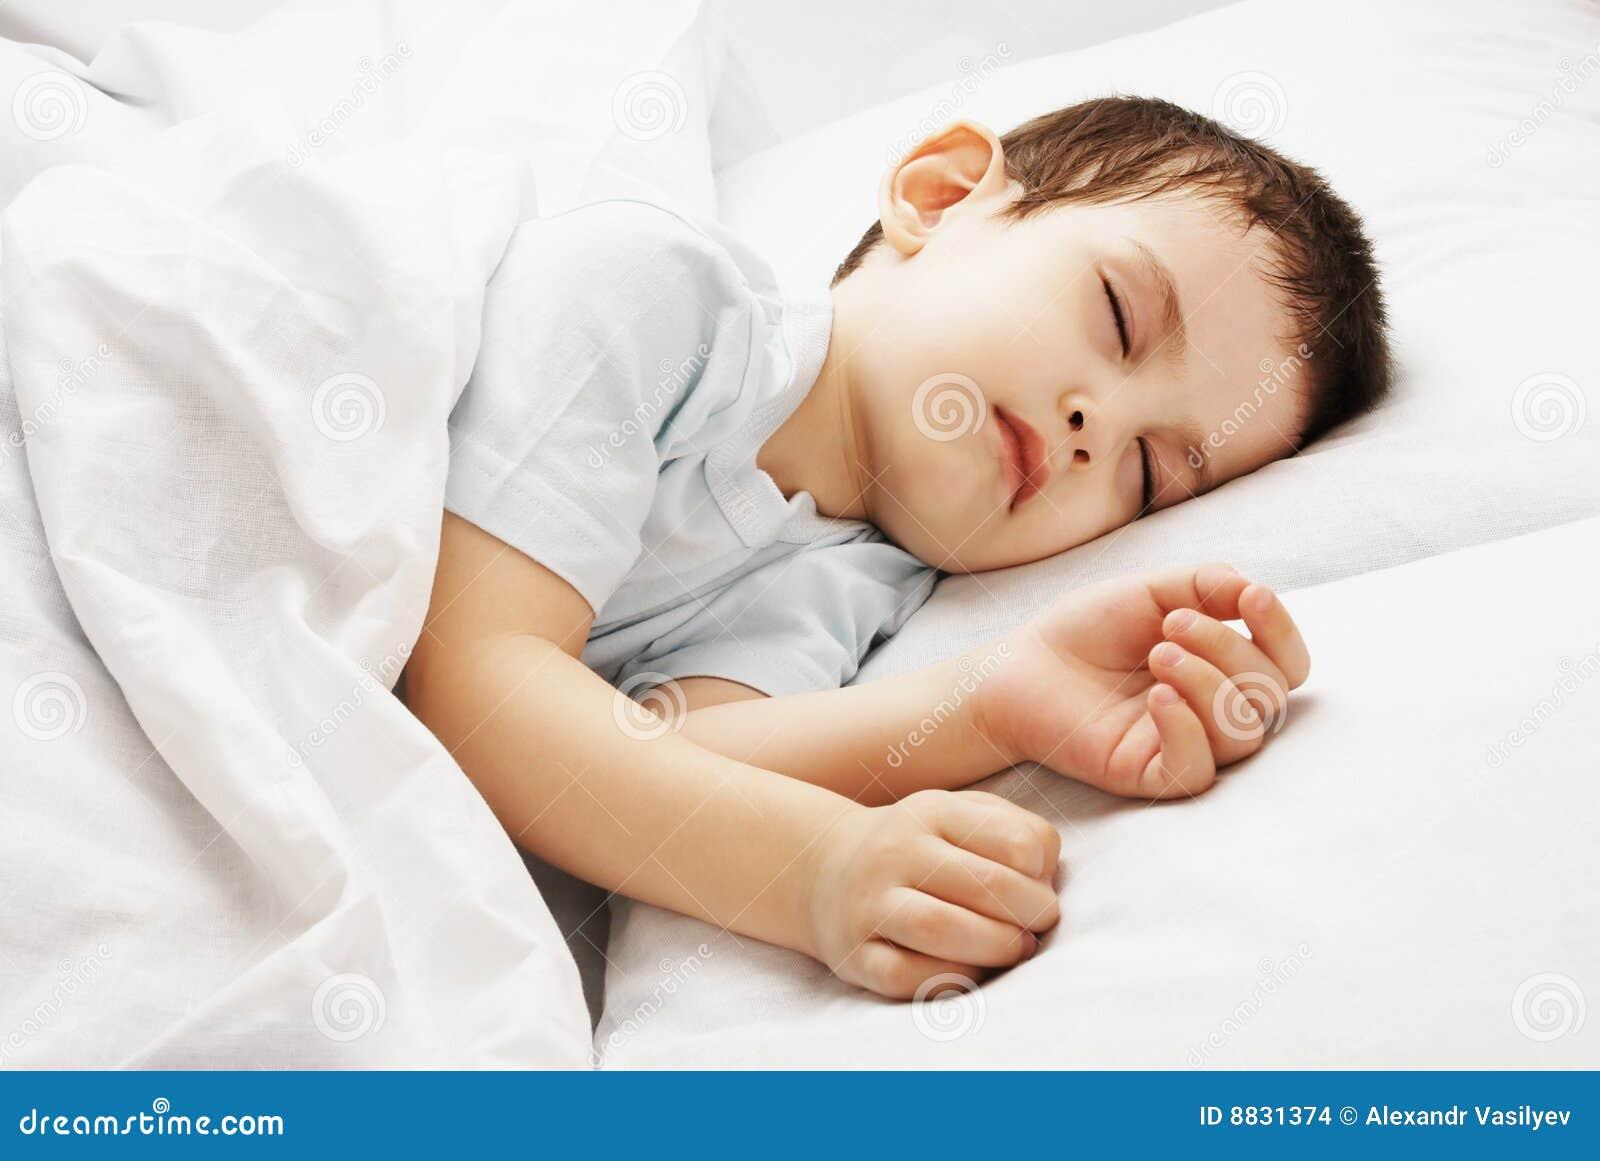 The sleeping boy stock photo image of portrait oversleep for Sleeping bed